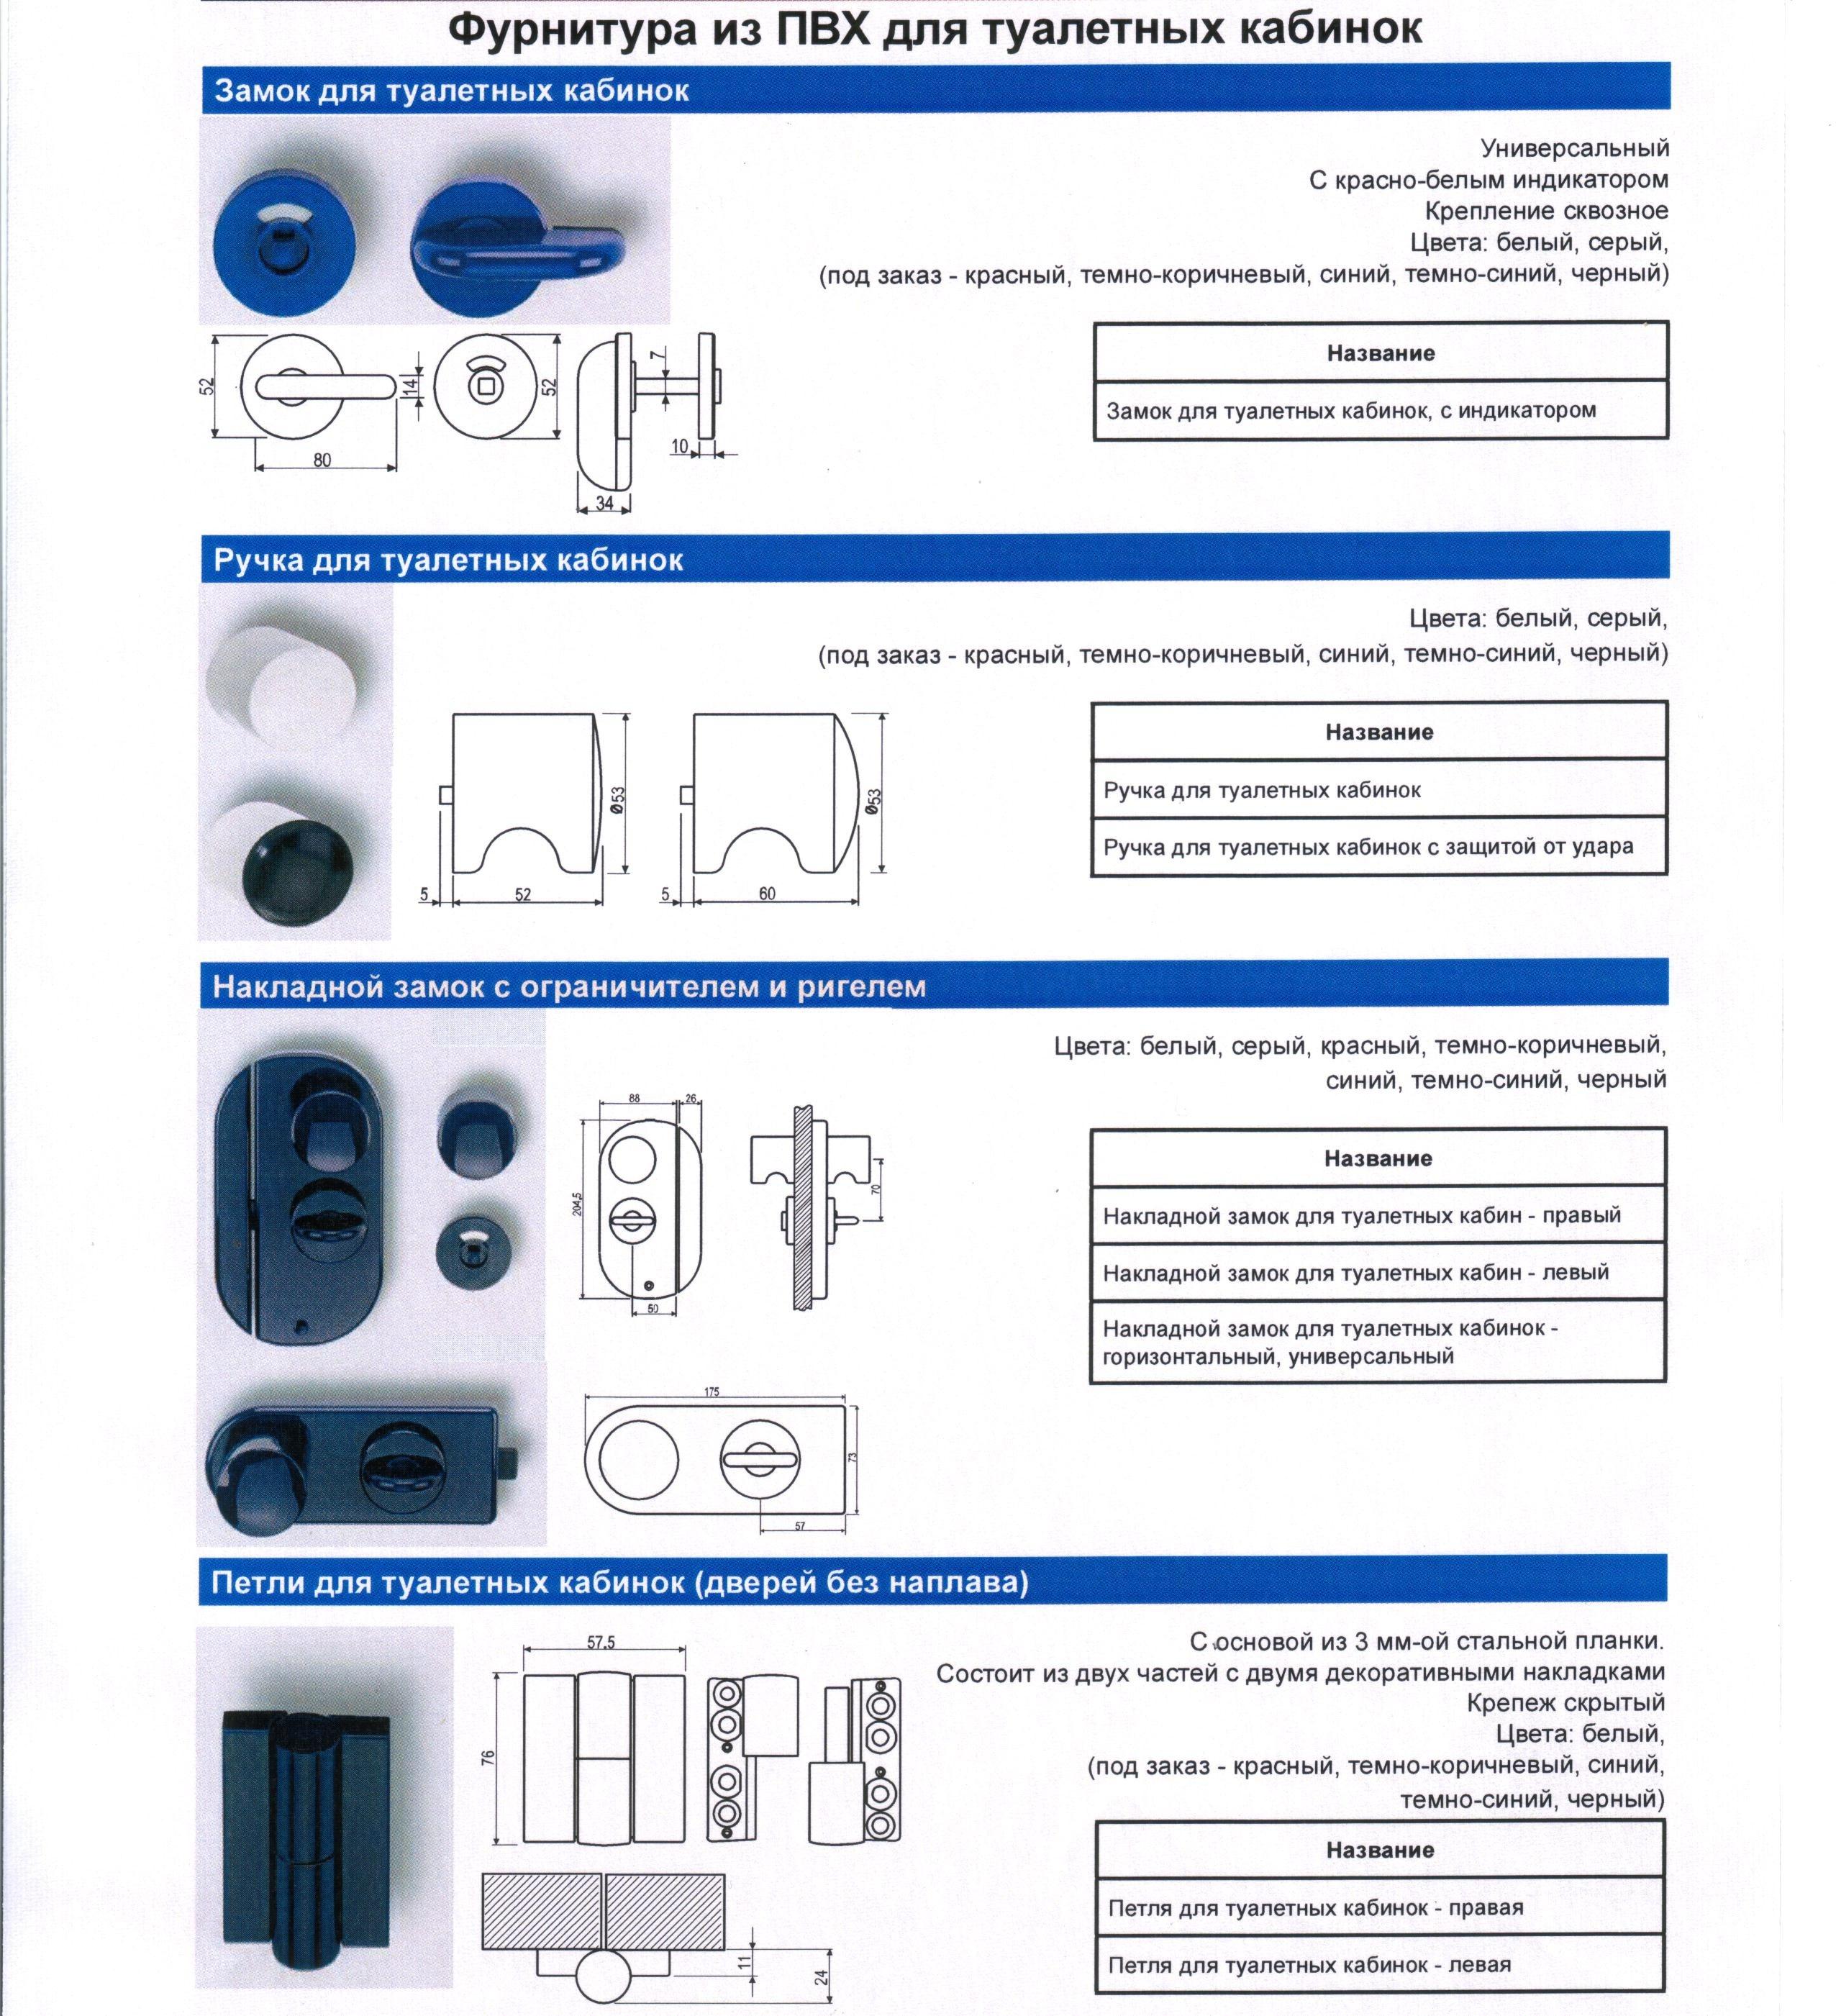 ручки из Пвх для туалетных кабинок